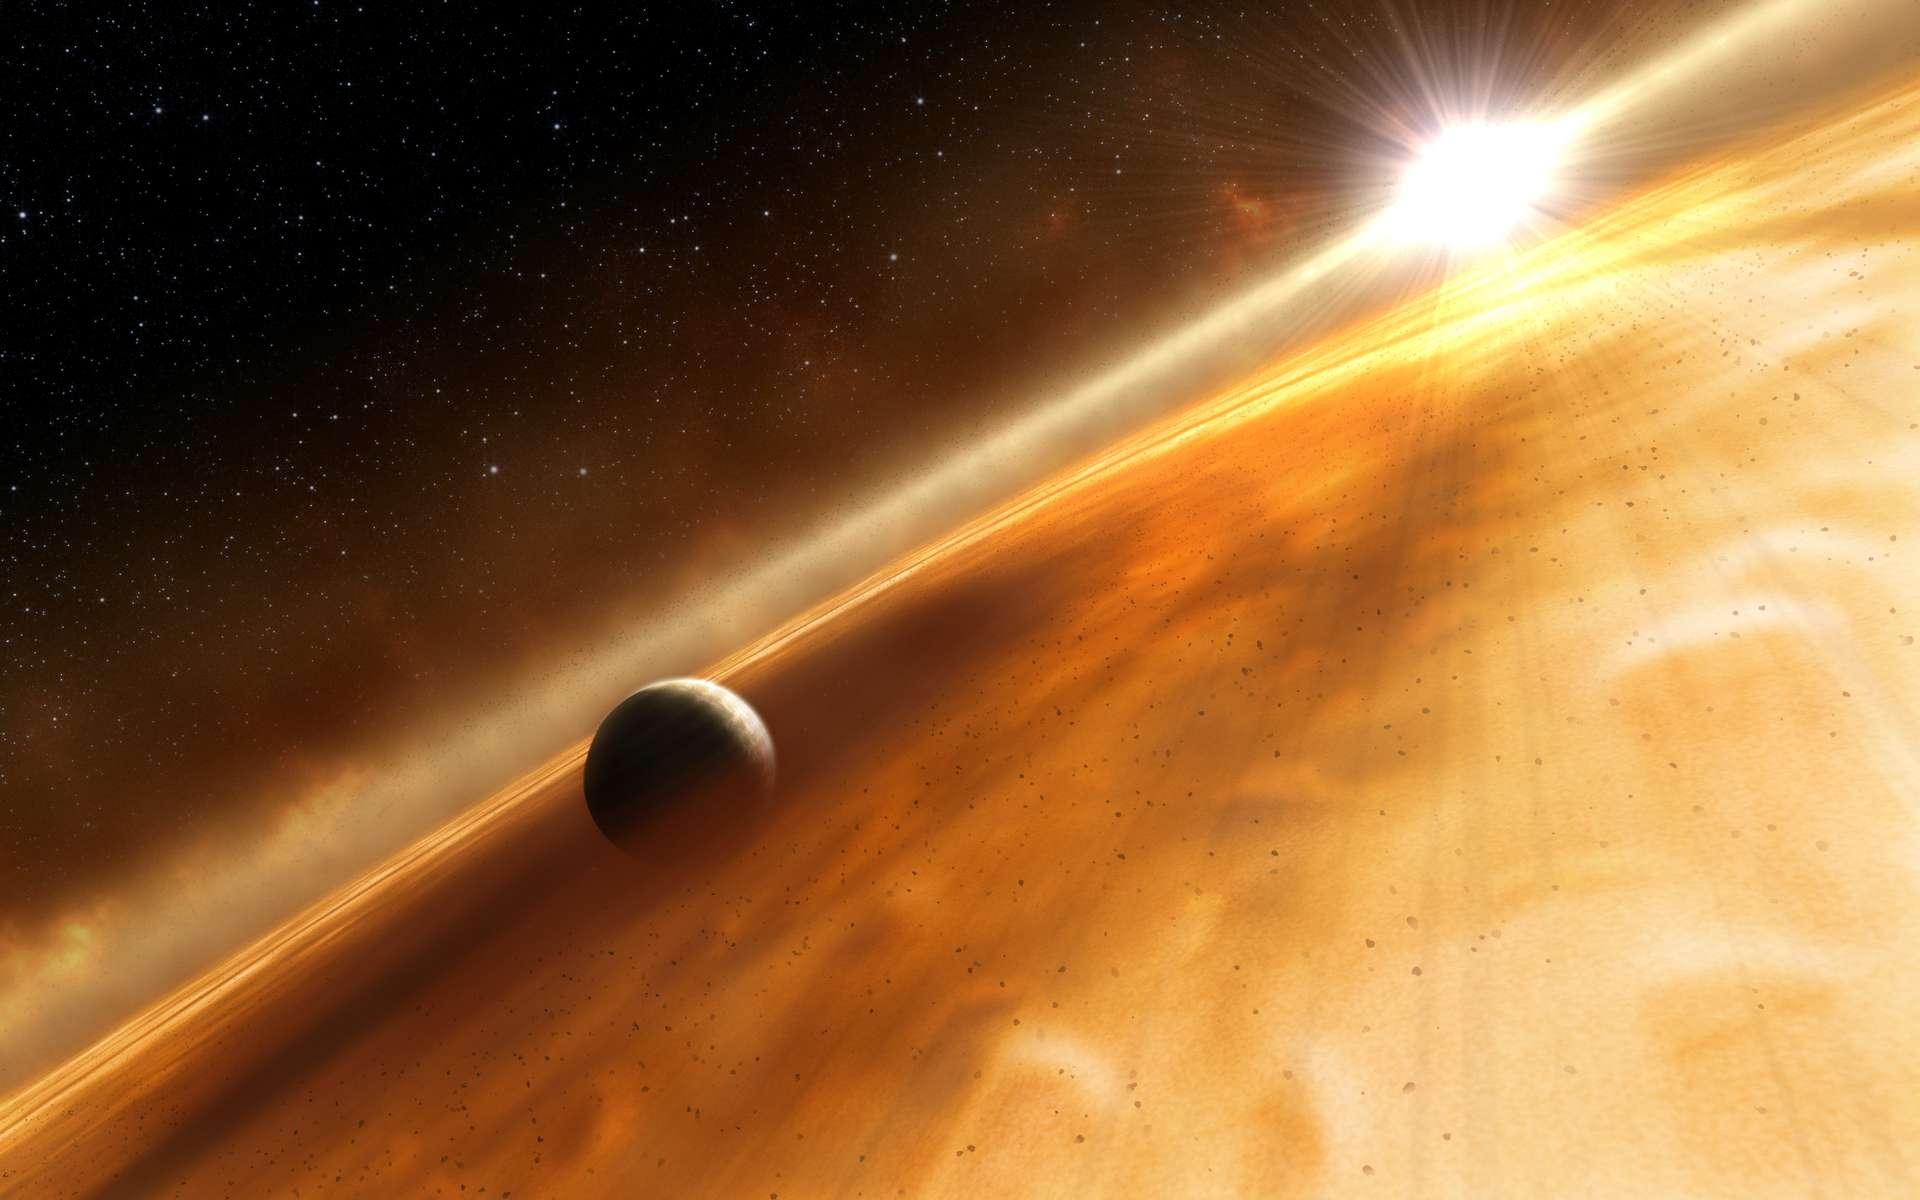 Vue d'artiste de la présumée exoplanète Fomalhaut b. © ESA, Nasa, L. Calcada